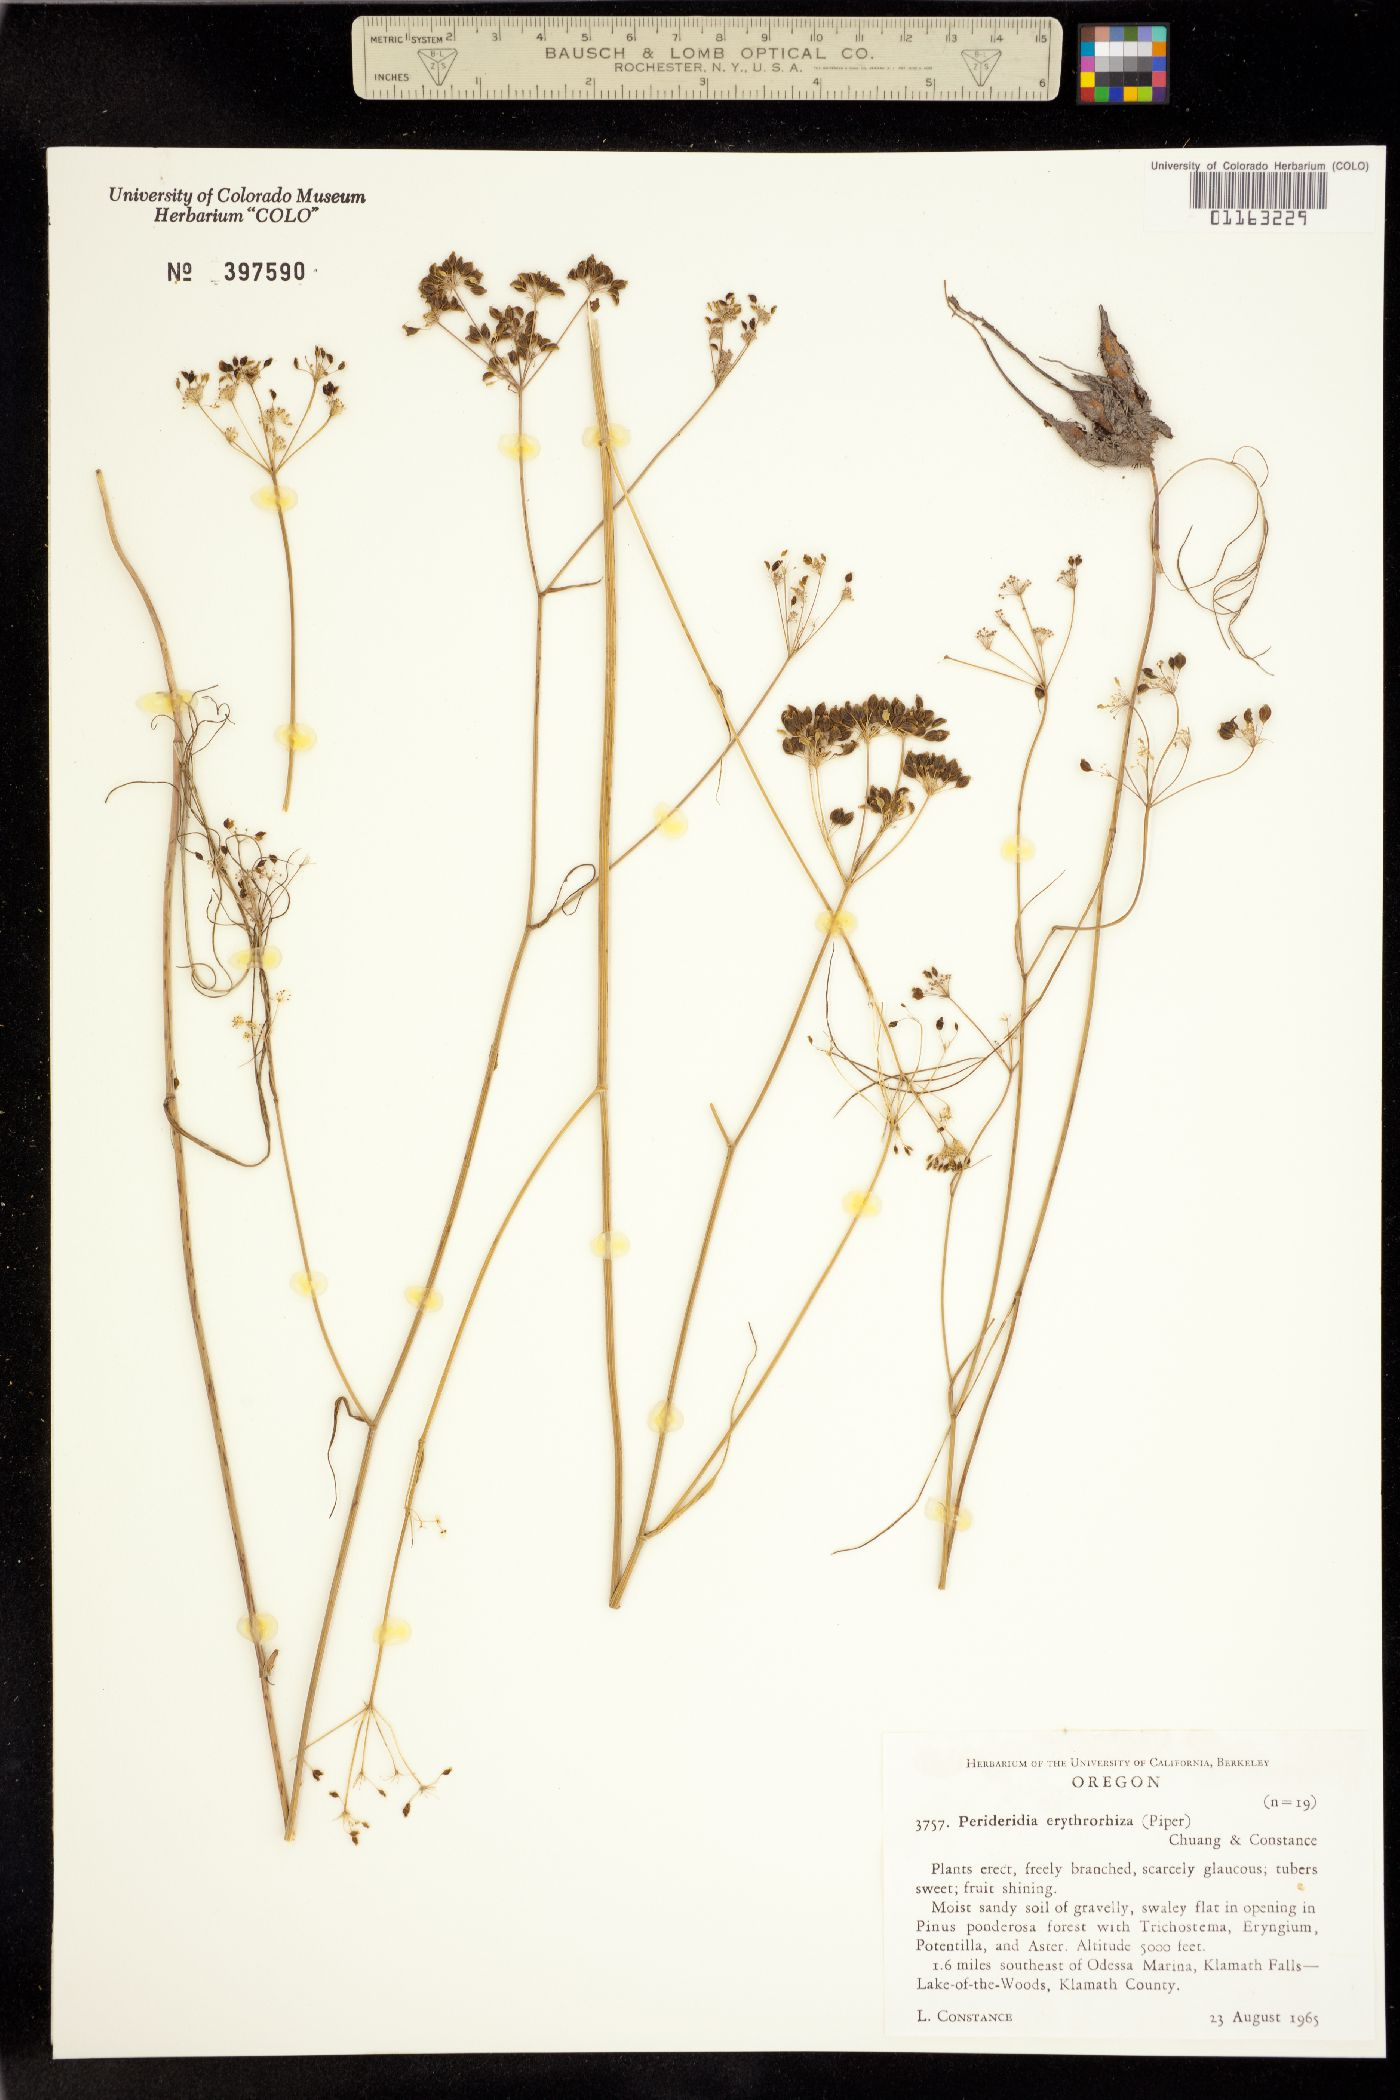 Perideridia erythrorhiza image